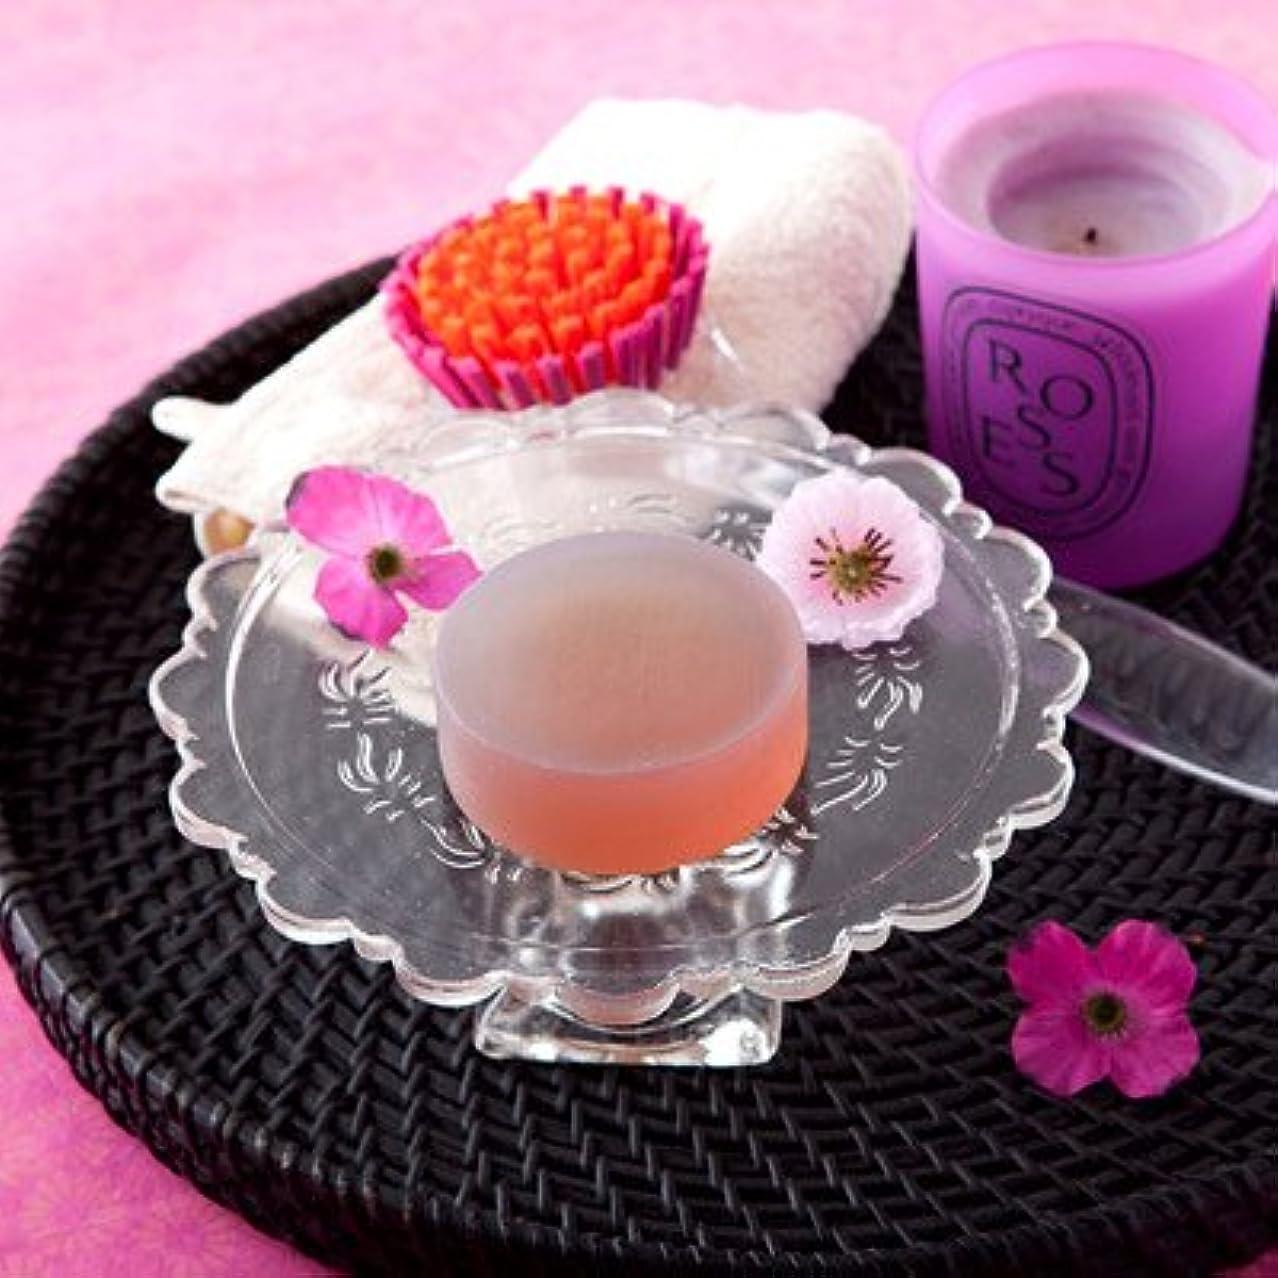 トレーダー請求可能批判的お肌の弱い方も安心なクリアソープセット ペアローザ エステソープ 紫潤(2個セット)